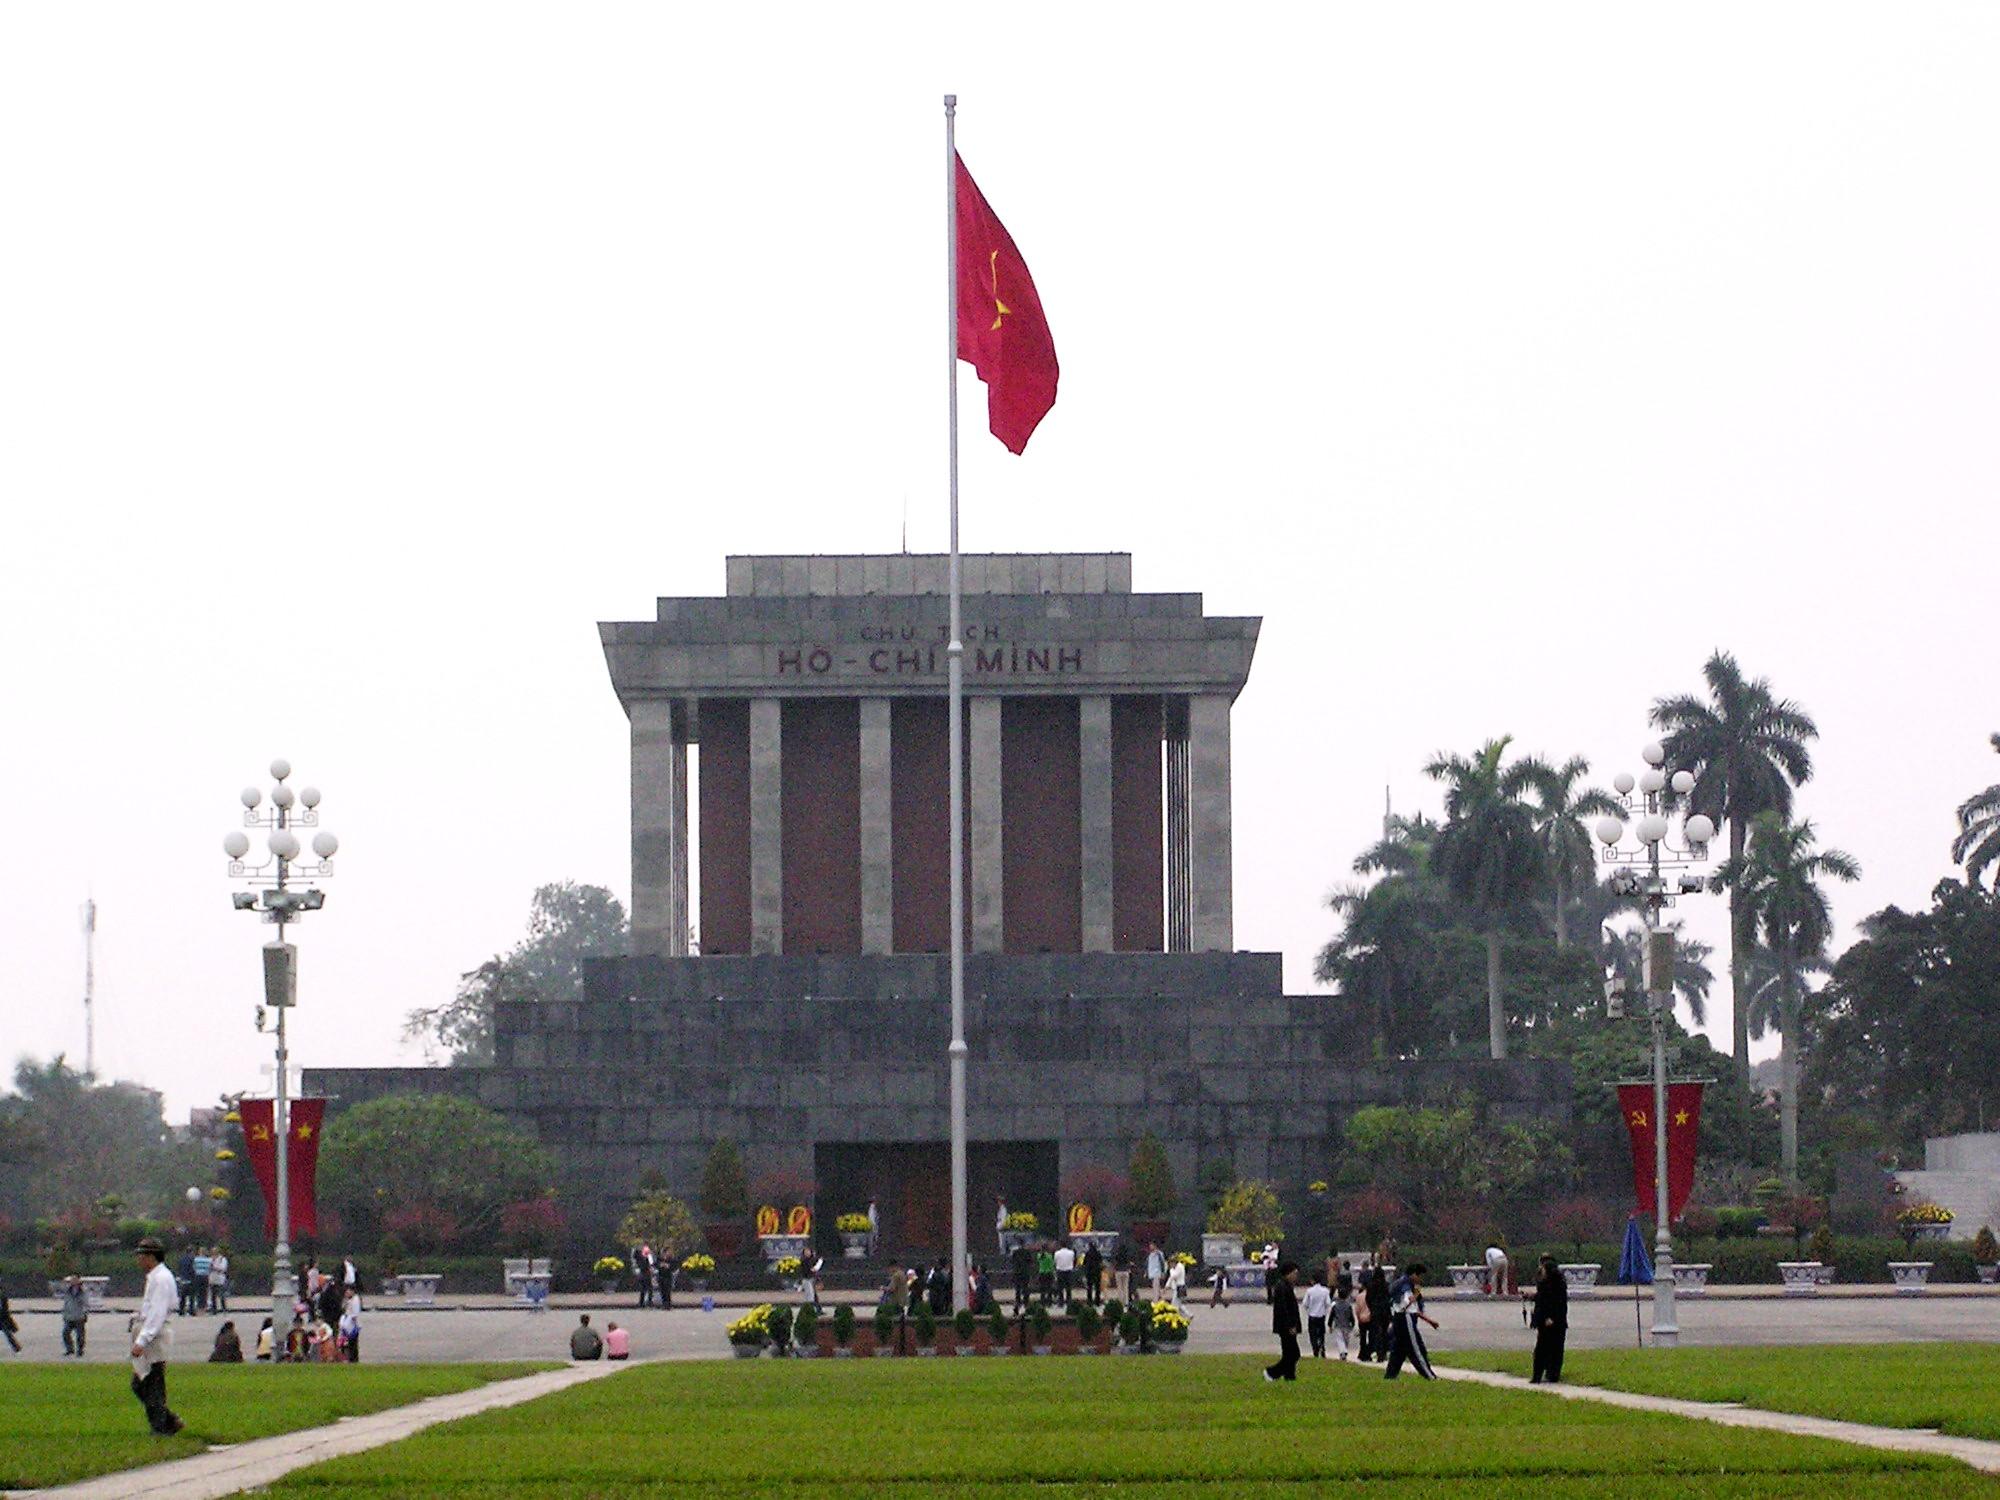 Hình ảnh lăng Hồ Chí Minh cực đẹp